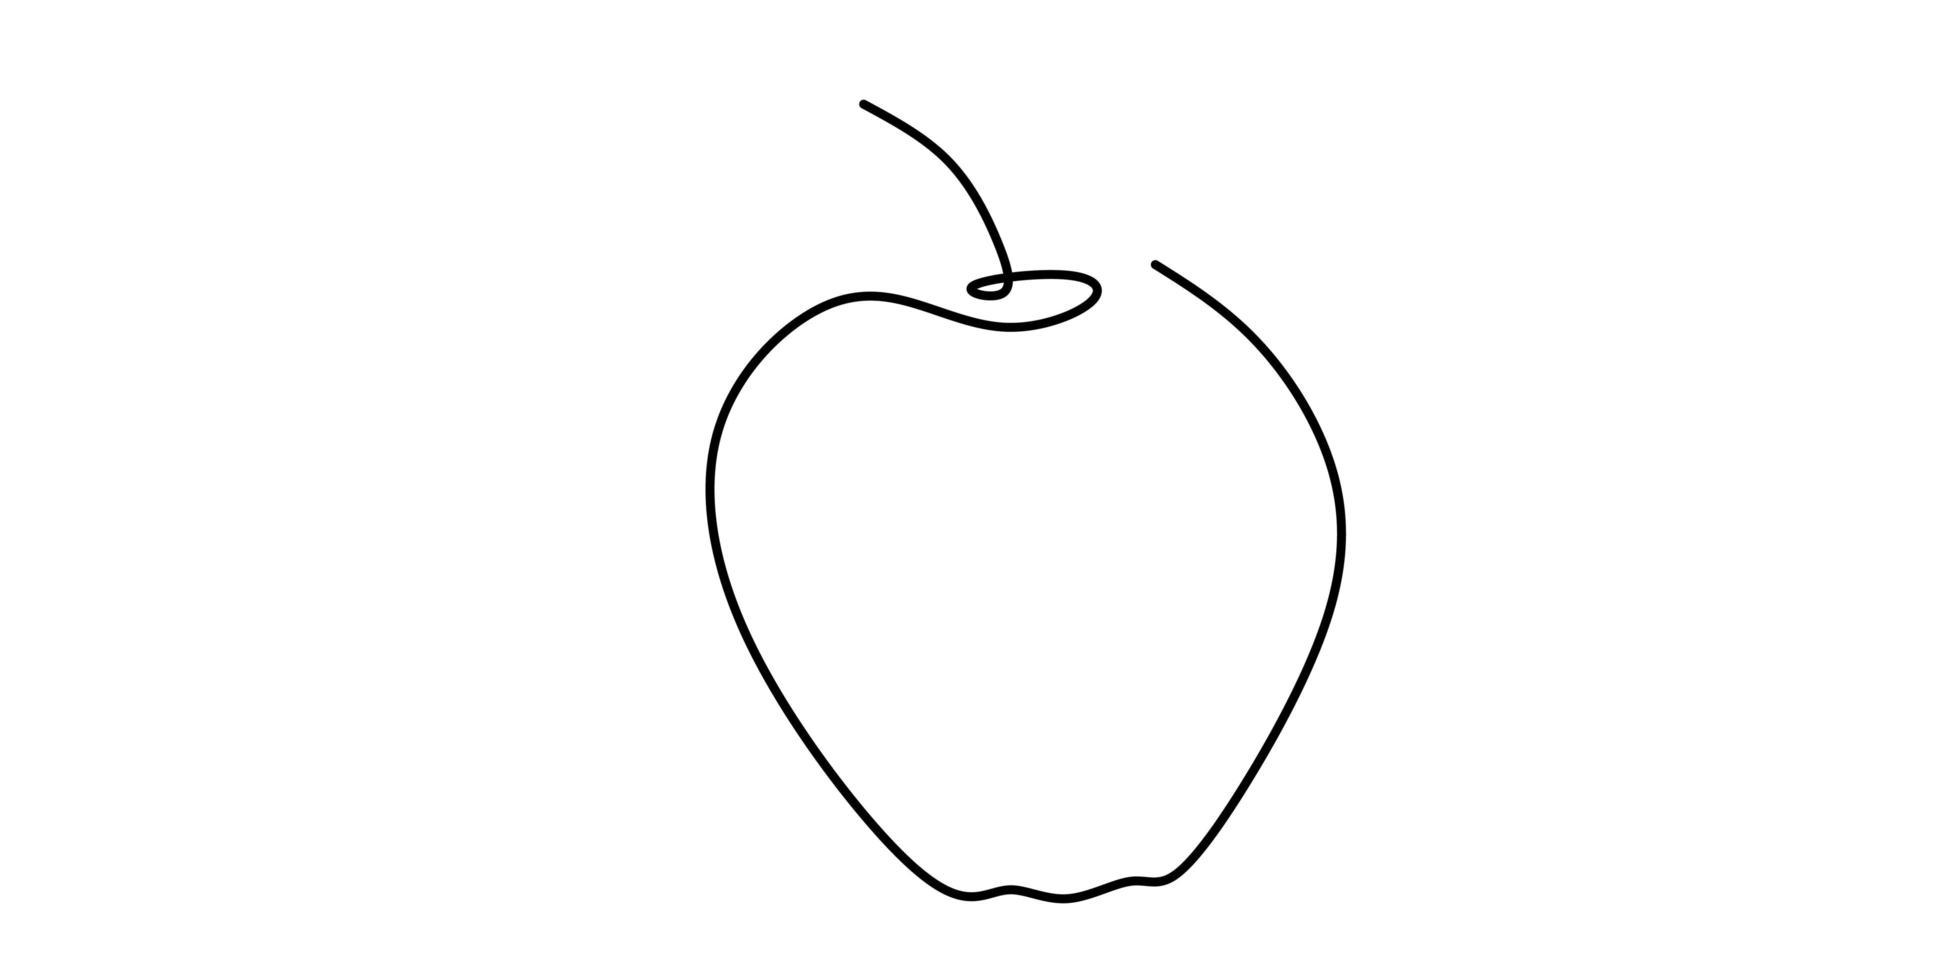 desenho de linha contínua de maçã. vetor